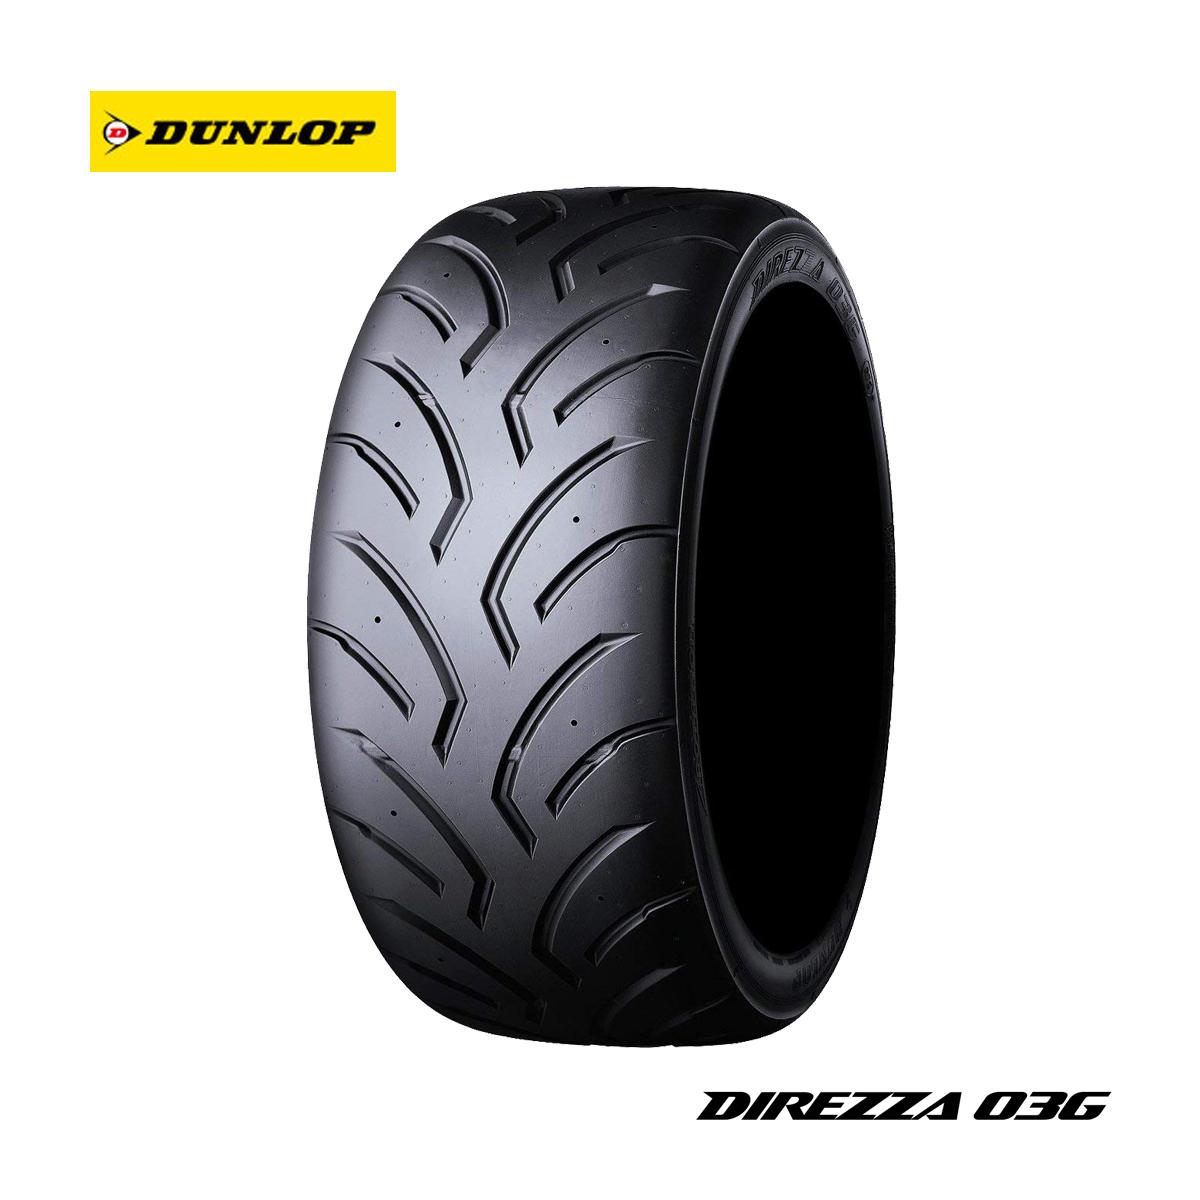 DUNLOP ダンロップ Sタイヤ ハイグリップ モータースポーツ 4本 セット 17インチ 245/40R17 DIREZZA ディレッツァ 03G コンパウンド R2